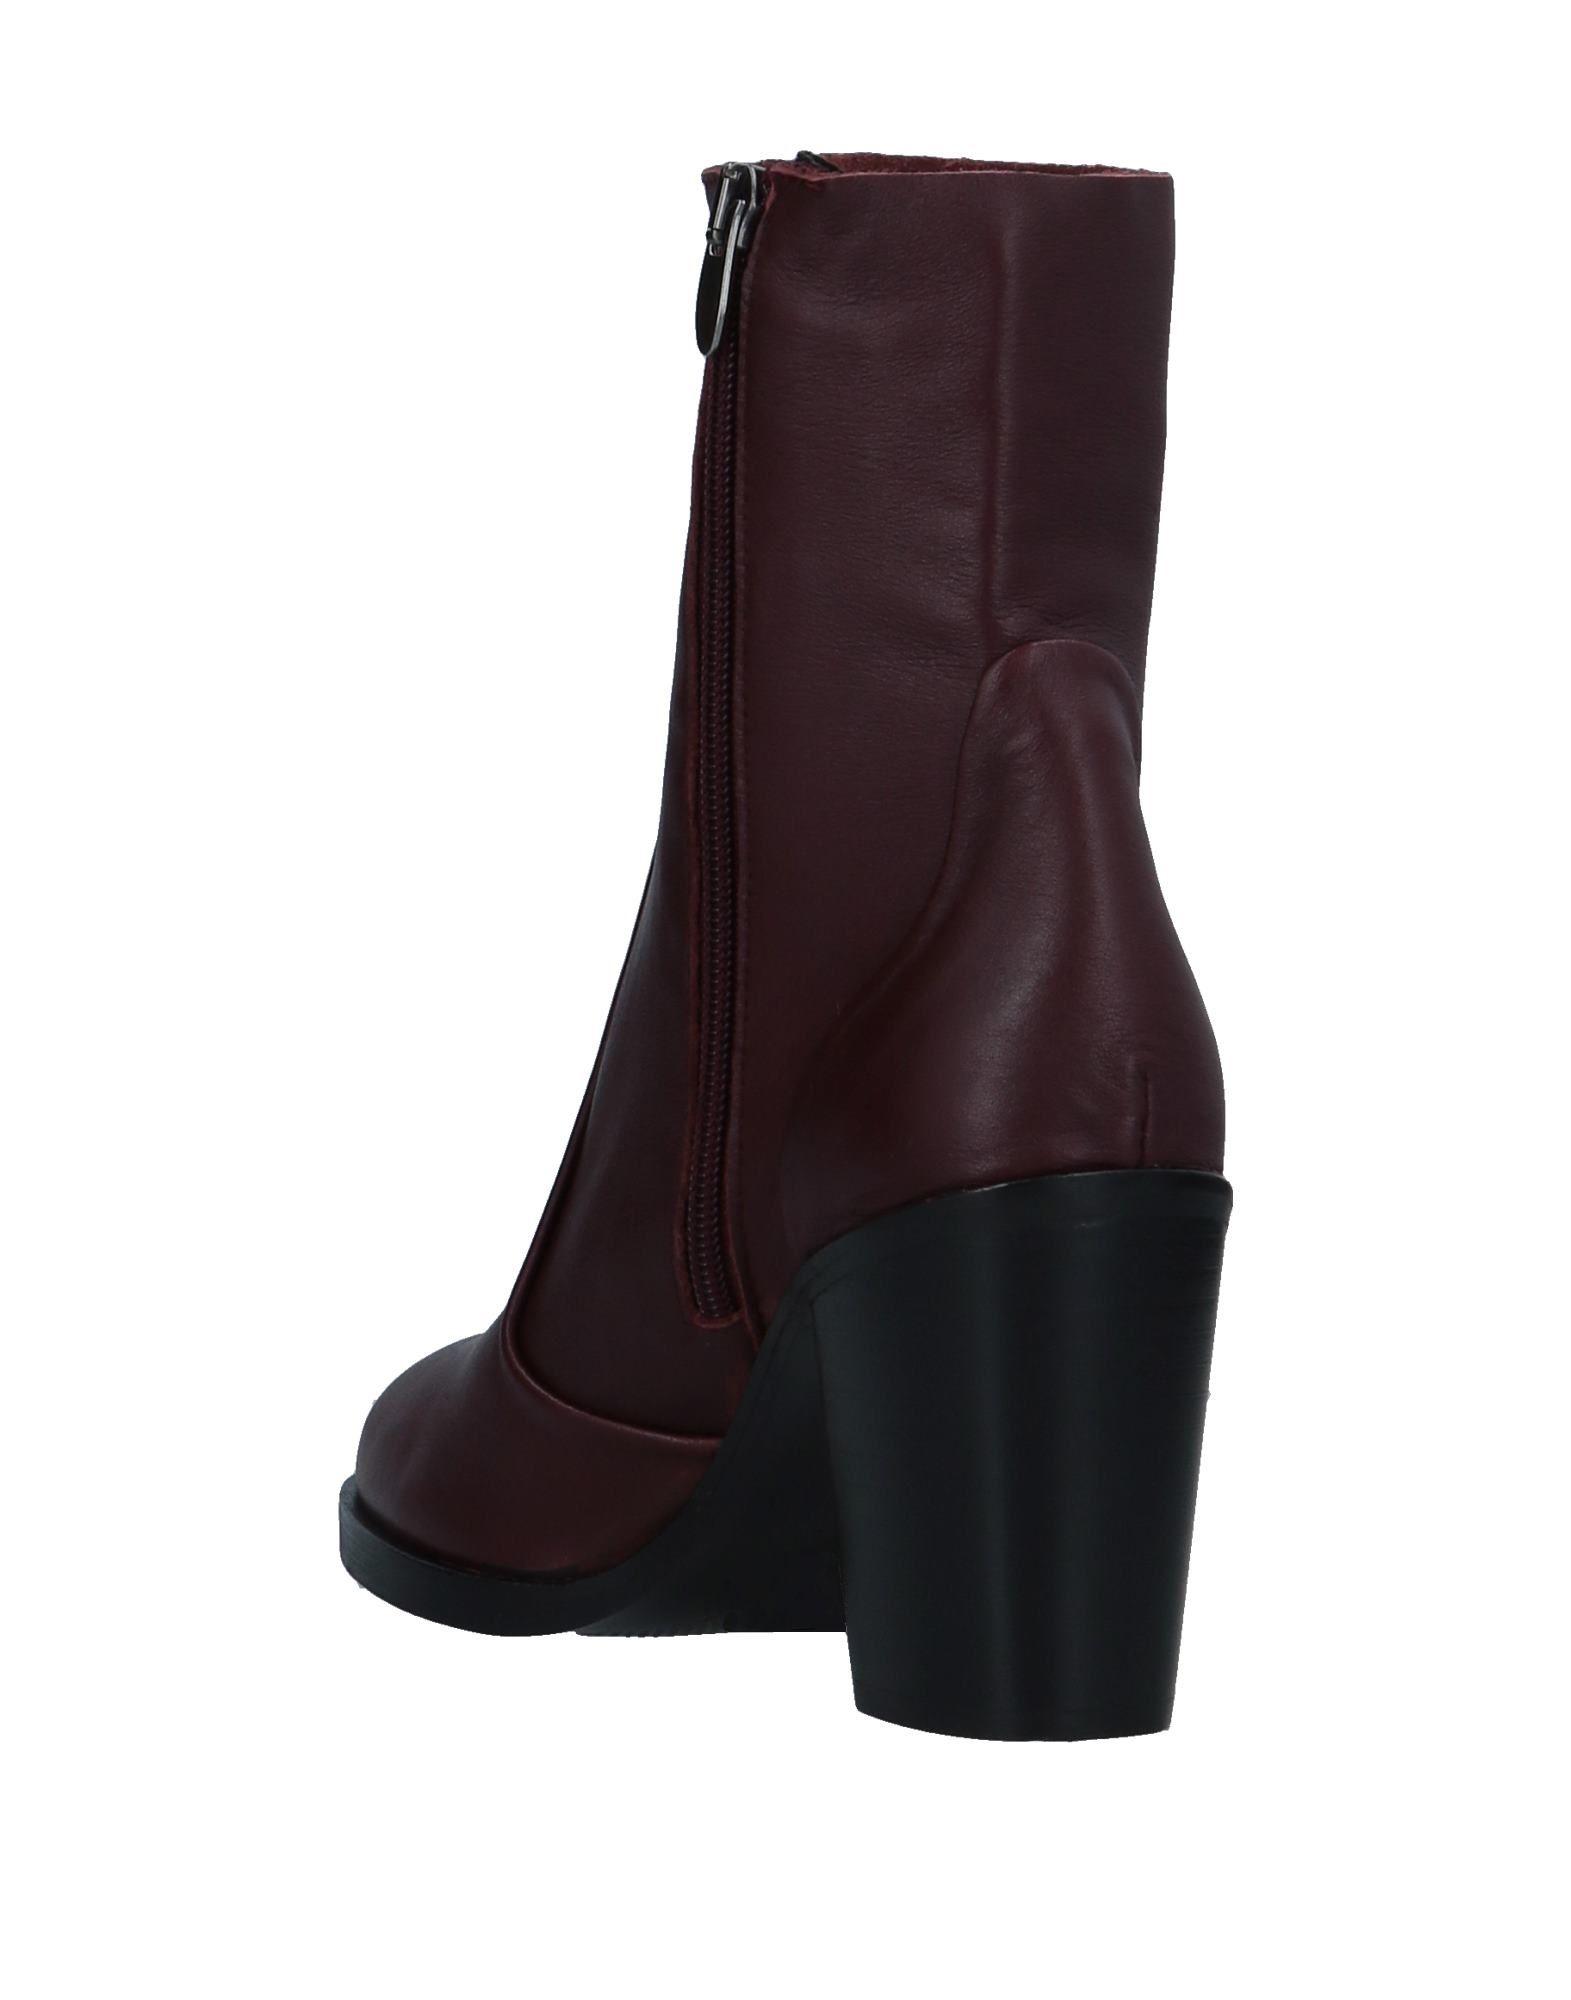 Cross Walk Stiefelette Damen  Schuhe 11520452JJGut aussehende strapazierfähige Schuhe  902402